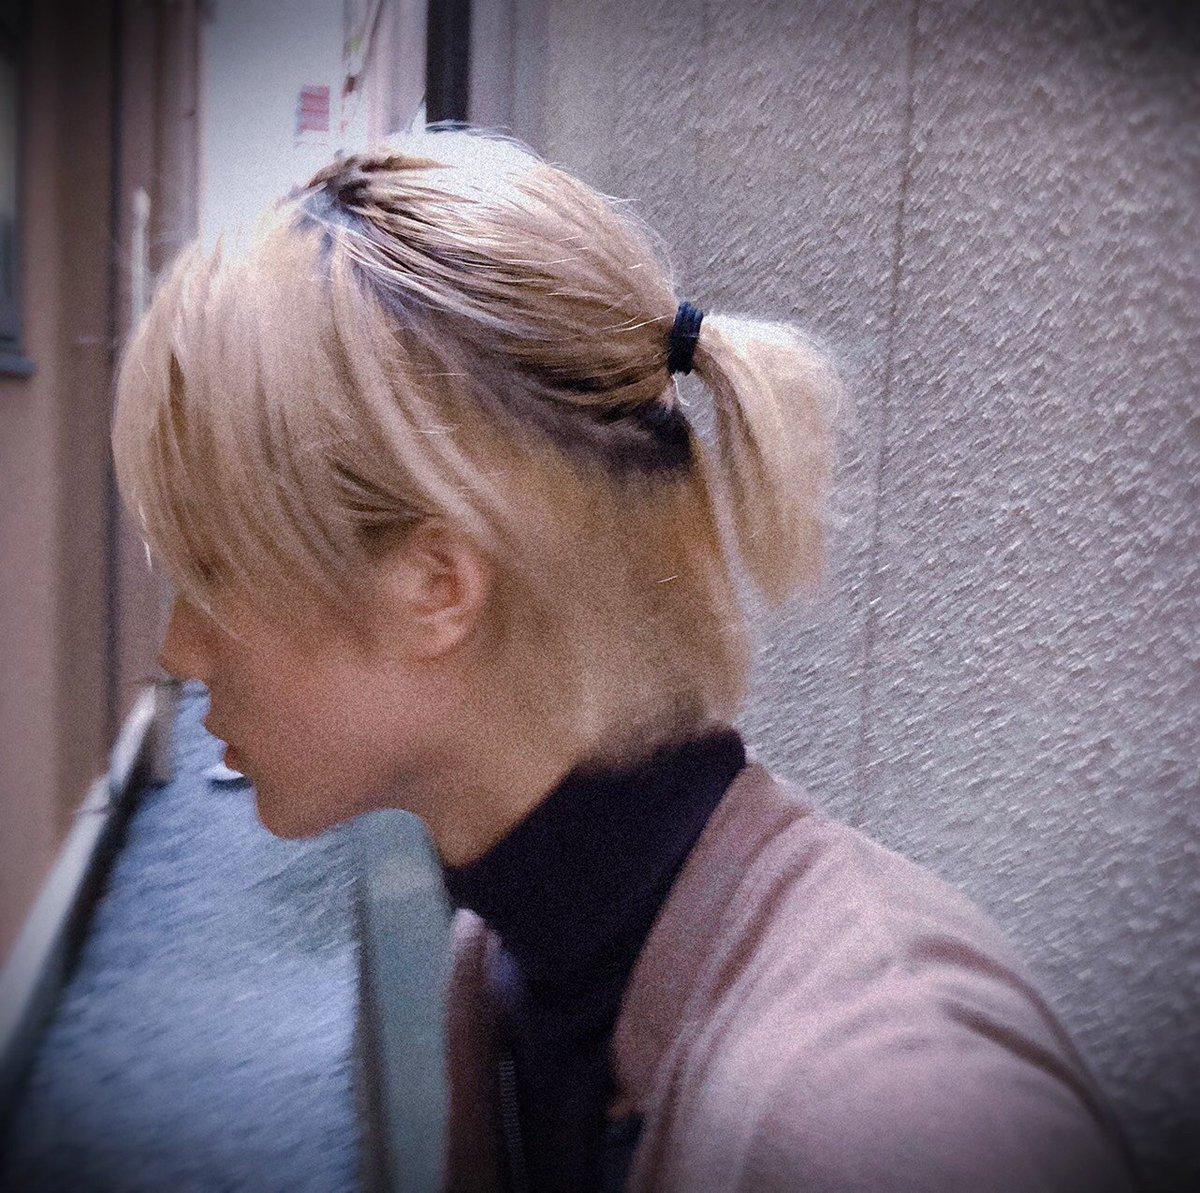 少しお久しぶりです髪がしっかり伸びています、「暁のヨナ」稽古中です周りの方々に刺激受けながら、支えて頂きながら、もがいてます。楽しい〜#MILK #山中柔太朗#暁のヨナ